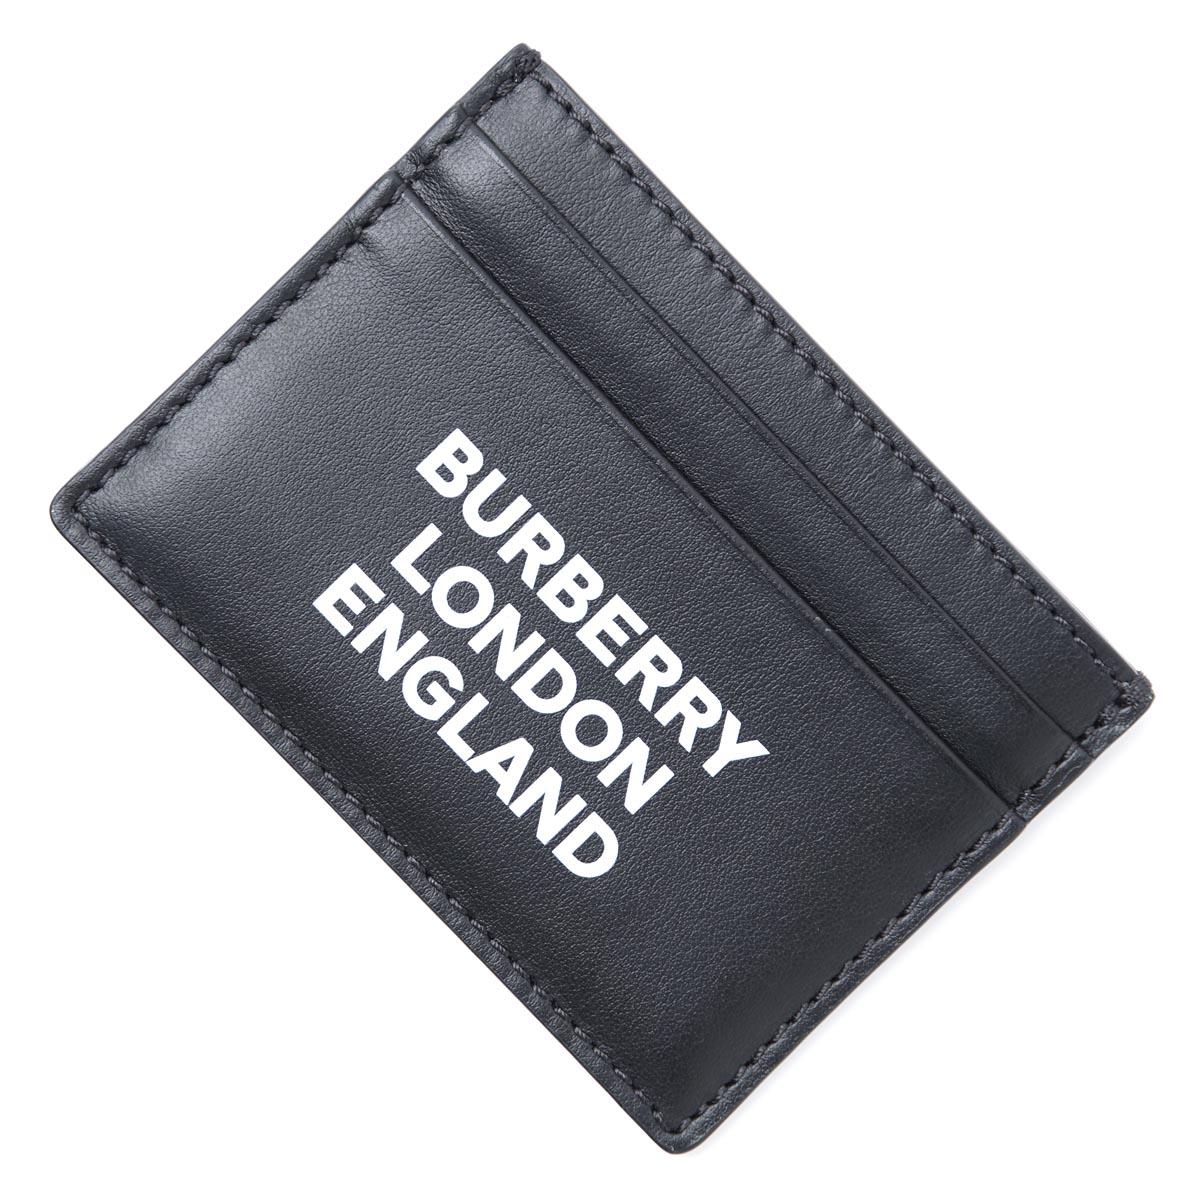 【アウトレット】バーバリー BURBERRY カードケース ブラック メンズ カード ギフト プレゼント 8009213 black SANDIN PB0【あす楽対応_関東】【返品送料無料】【ラッピング無料】[outnew]